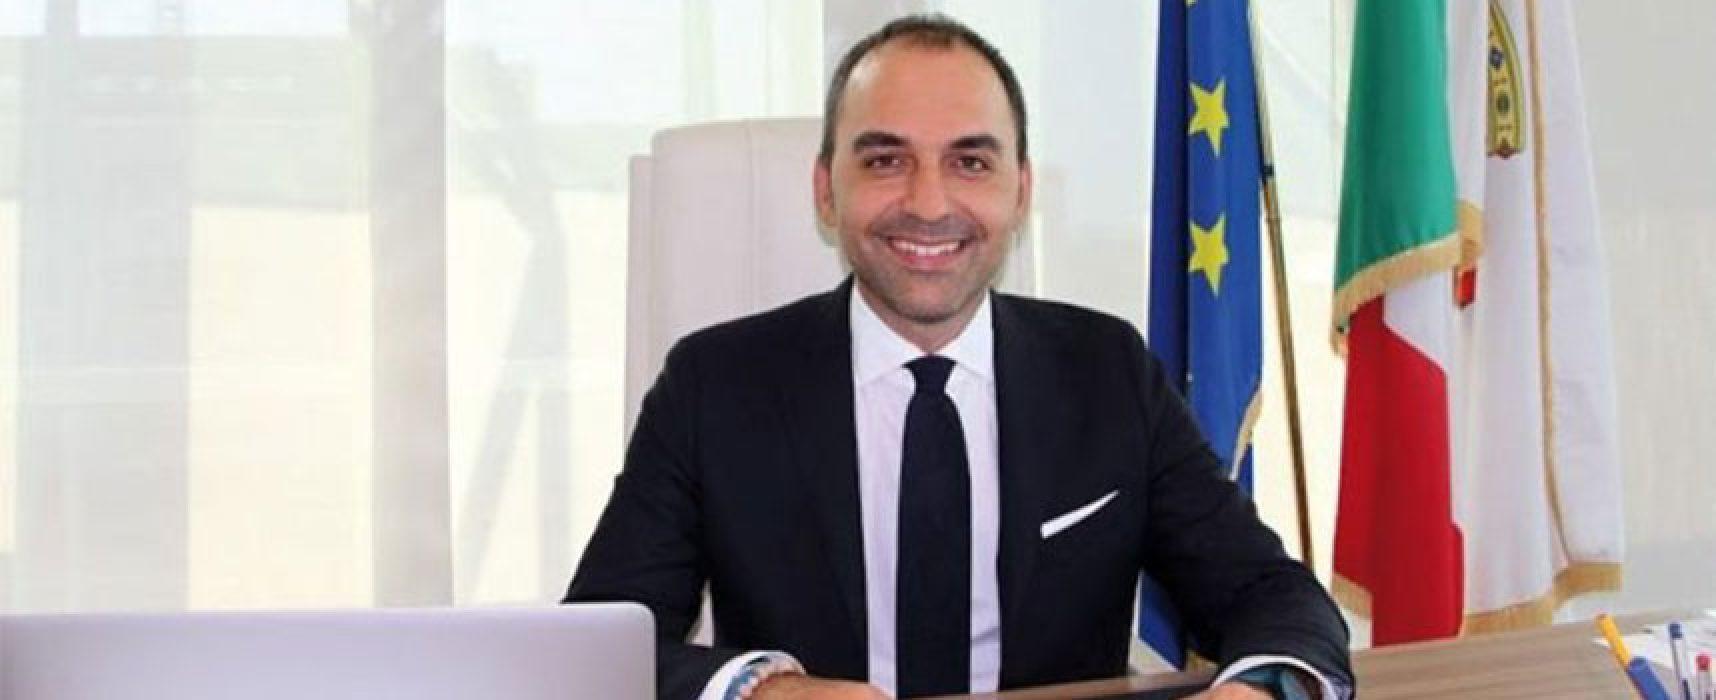 Sport: Regione Puglia, 3 milioni di euro per contributi a fondo perduto a favore di ASD e SSD